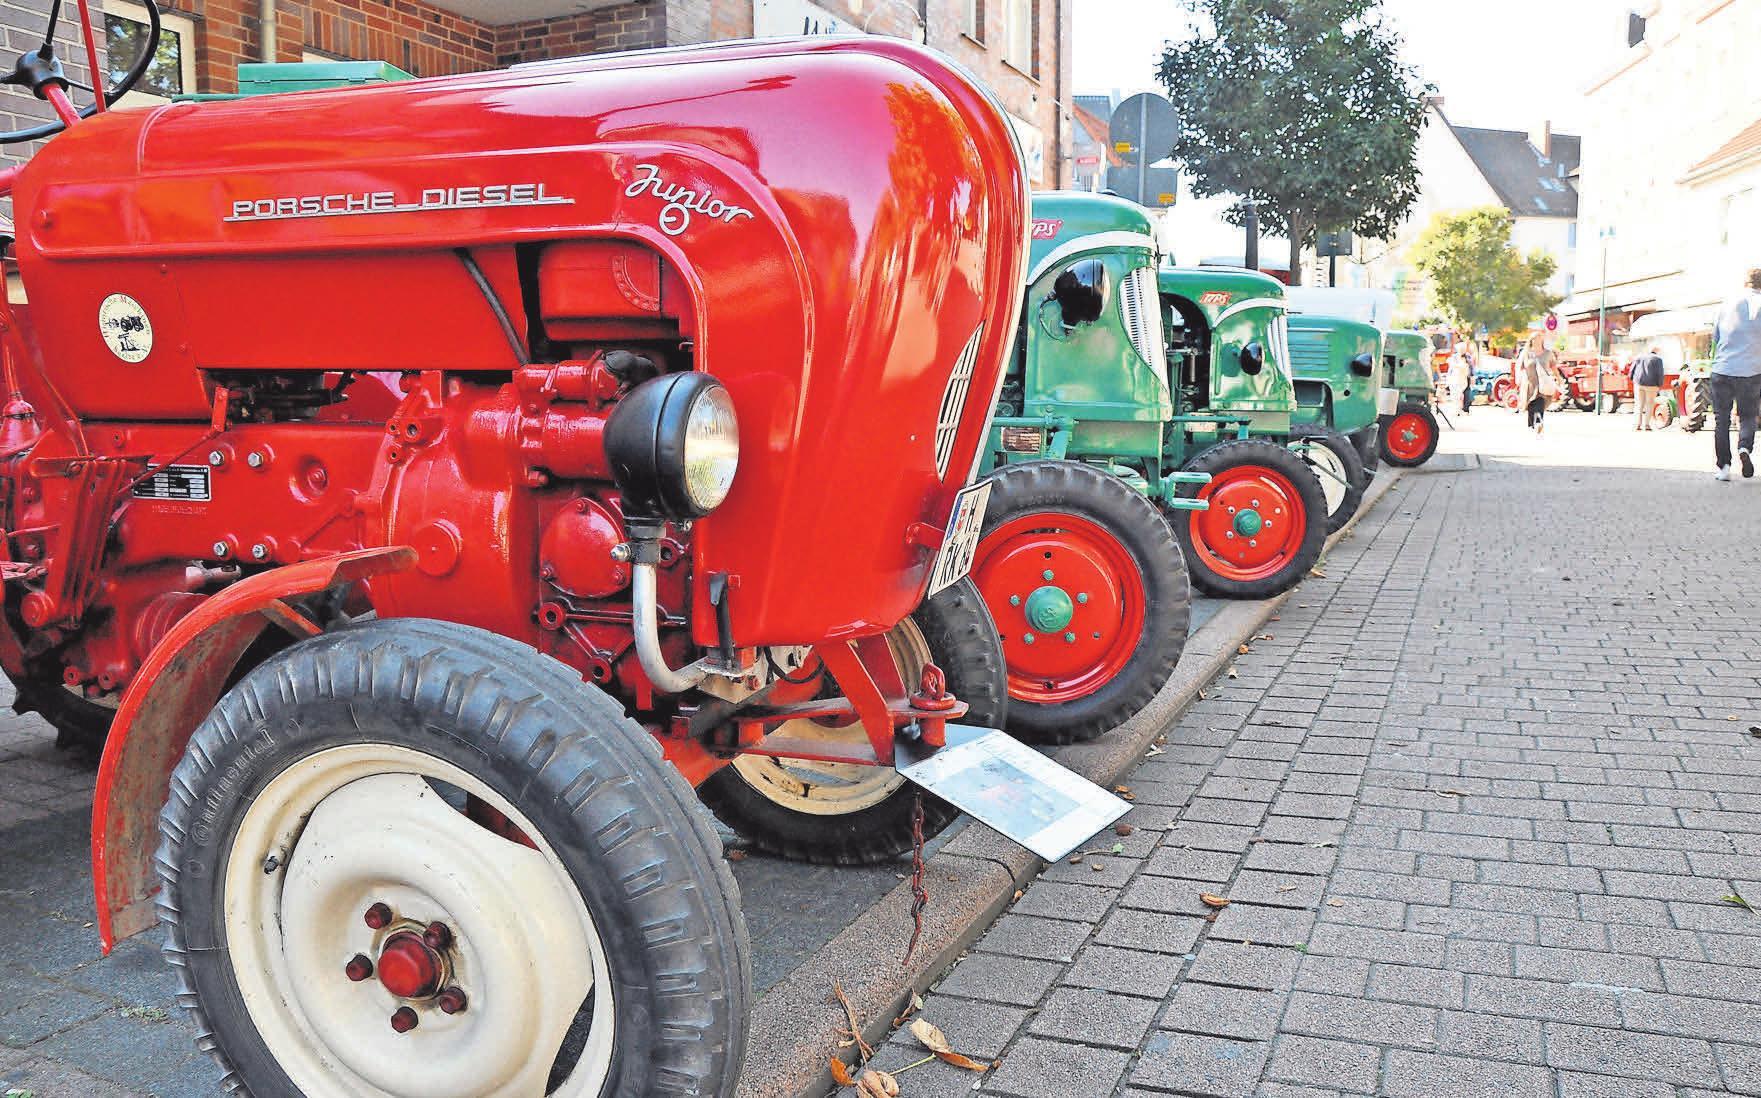 Bestens in Schuss sind die historischen Trecker, die beim Obentrautmarkt gezeigt werden. Entlang der Bremer Straße präsentiert der Verein Historische Maschinen Seelze wieder eine Ausstellung mit Oldtimer-Treckern Foto: Thomas Tschörner